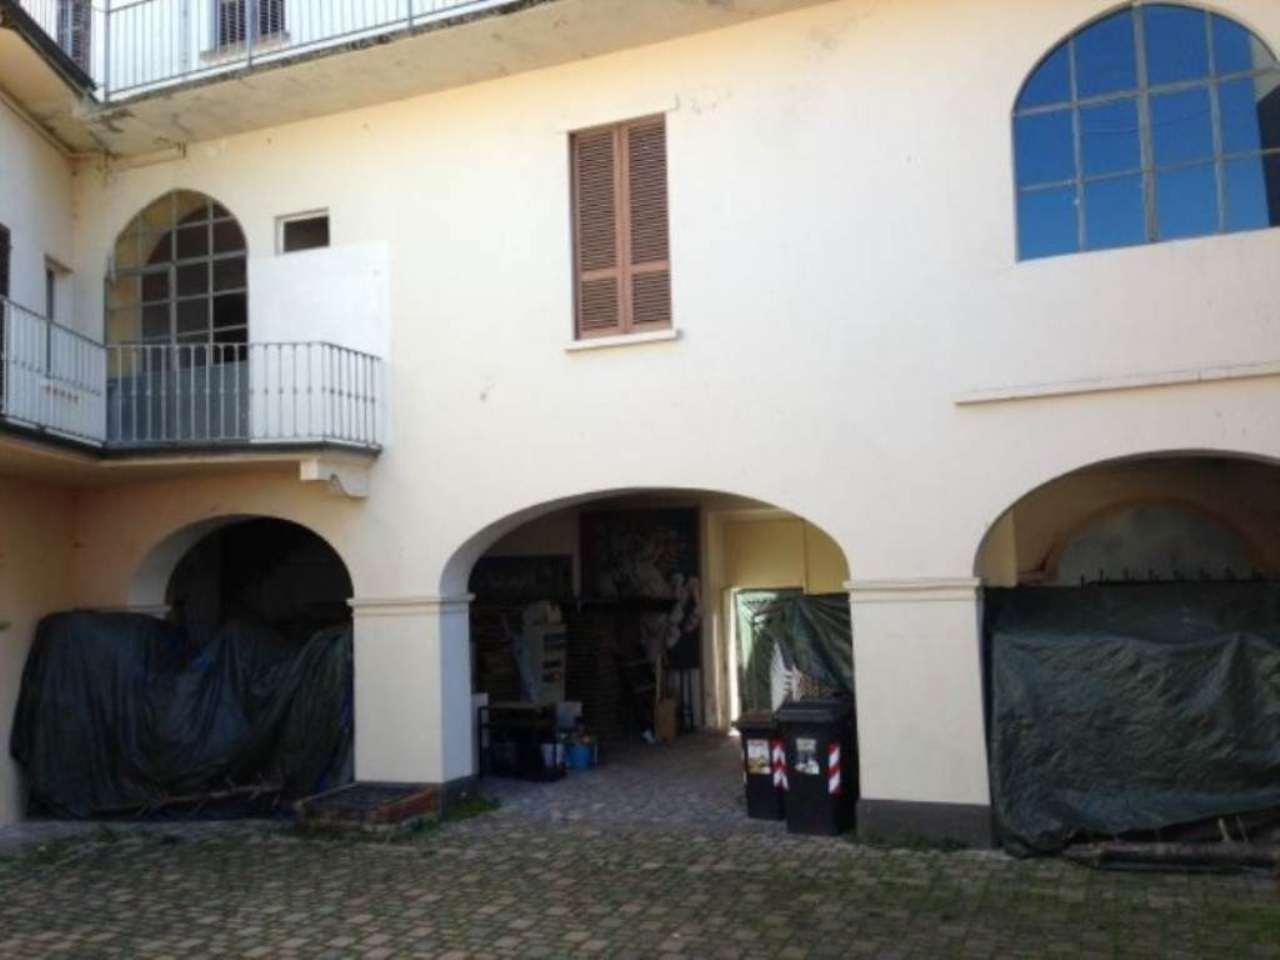 Immobile Commerciale in vendita a Vignale Monferrato, 6 locali, prezzo € 325.000 | CambioCasa.it